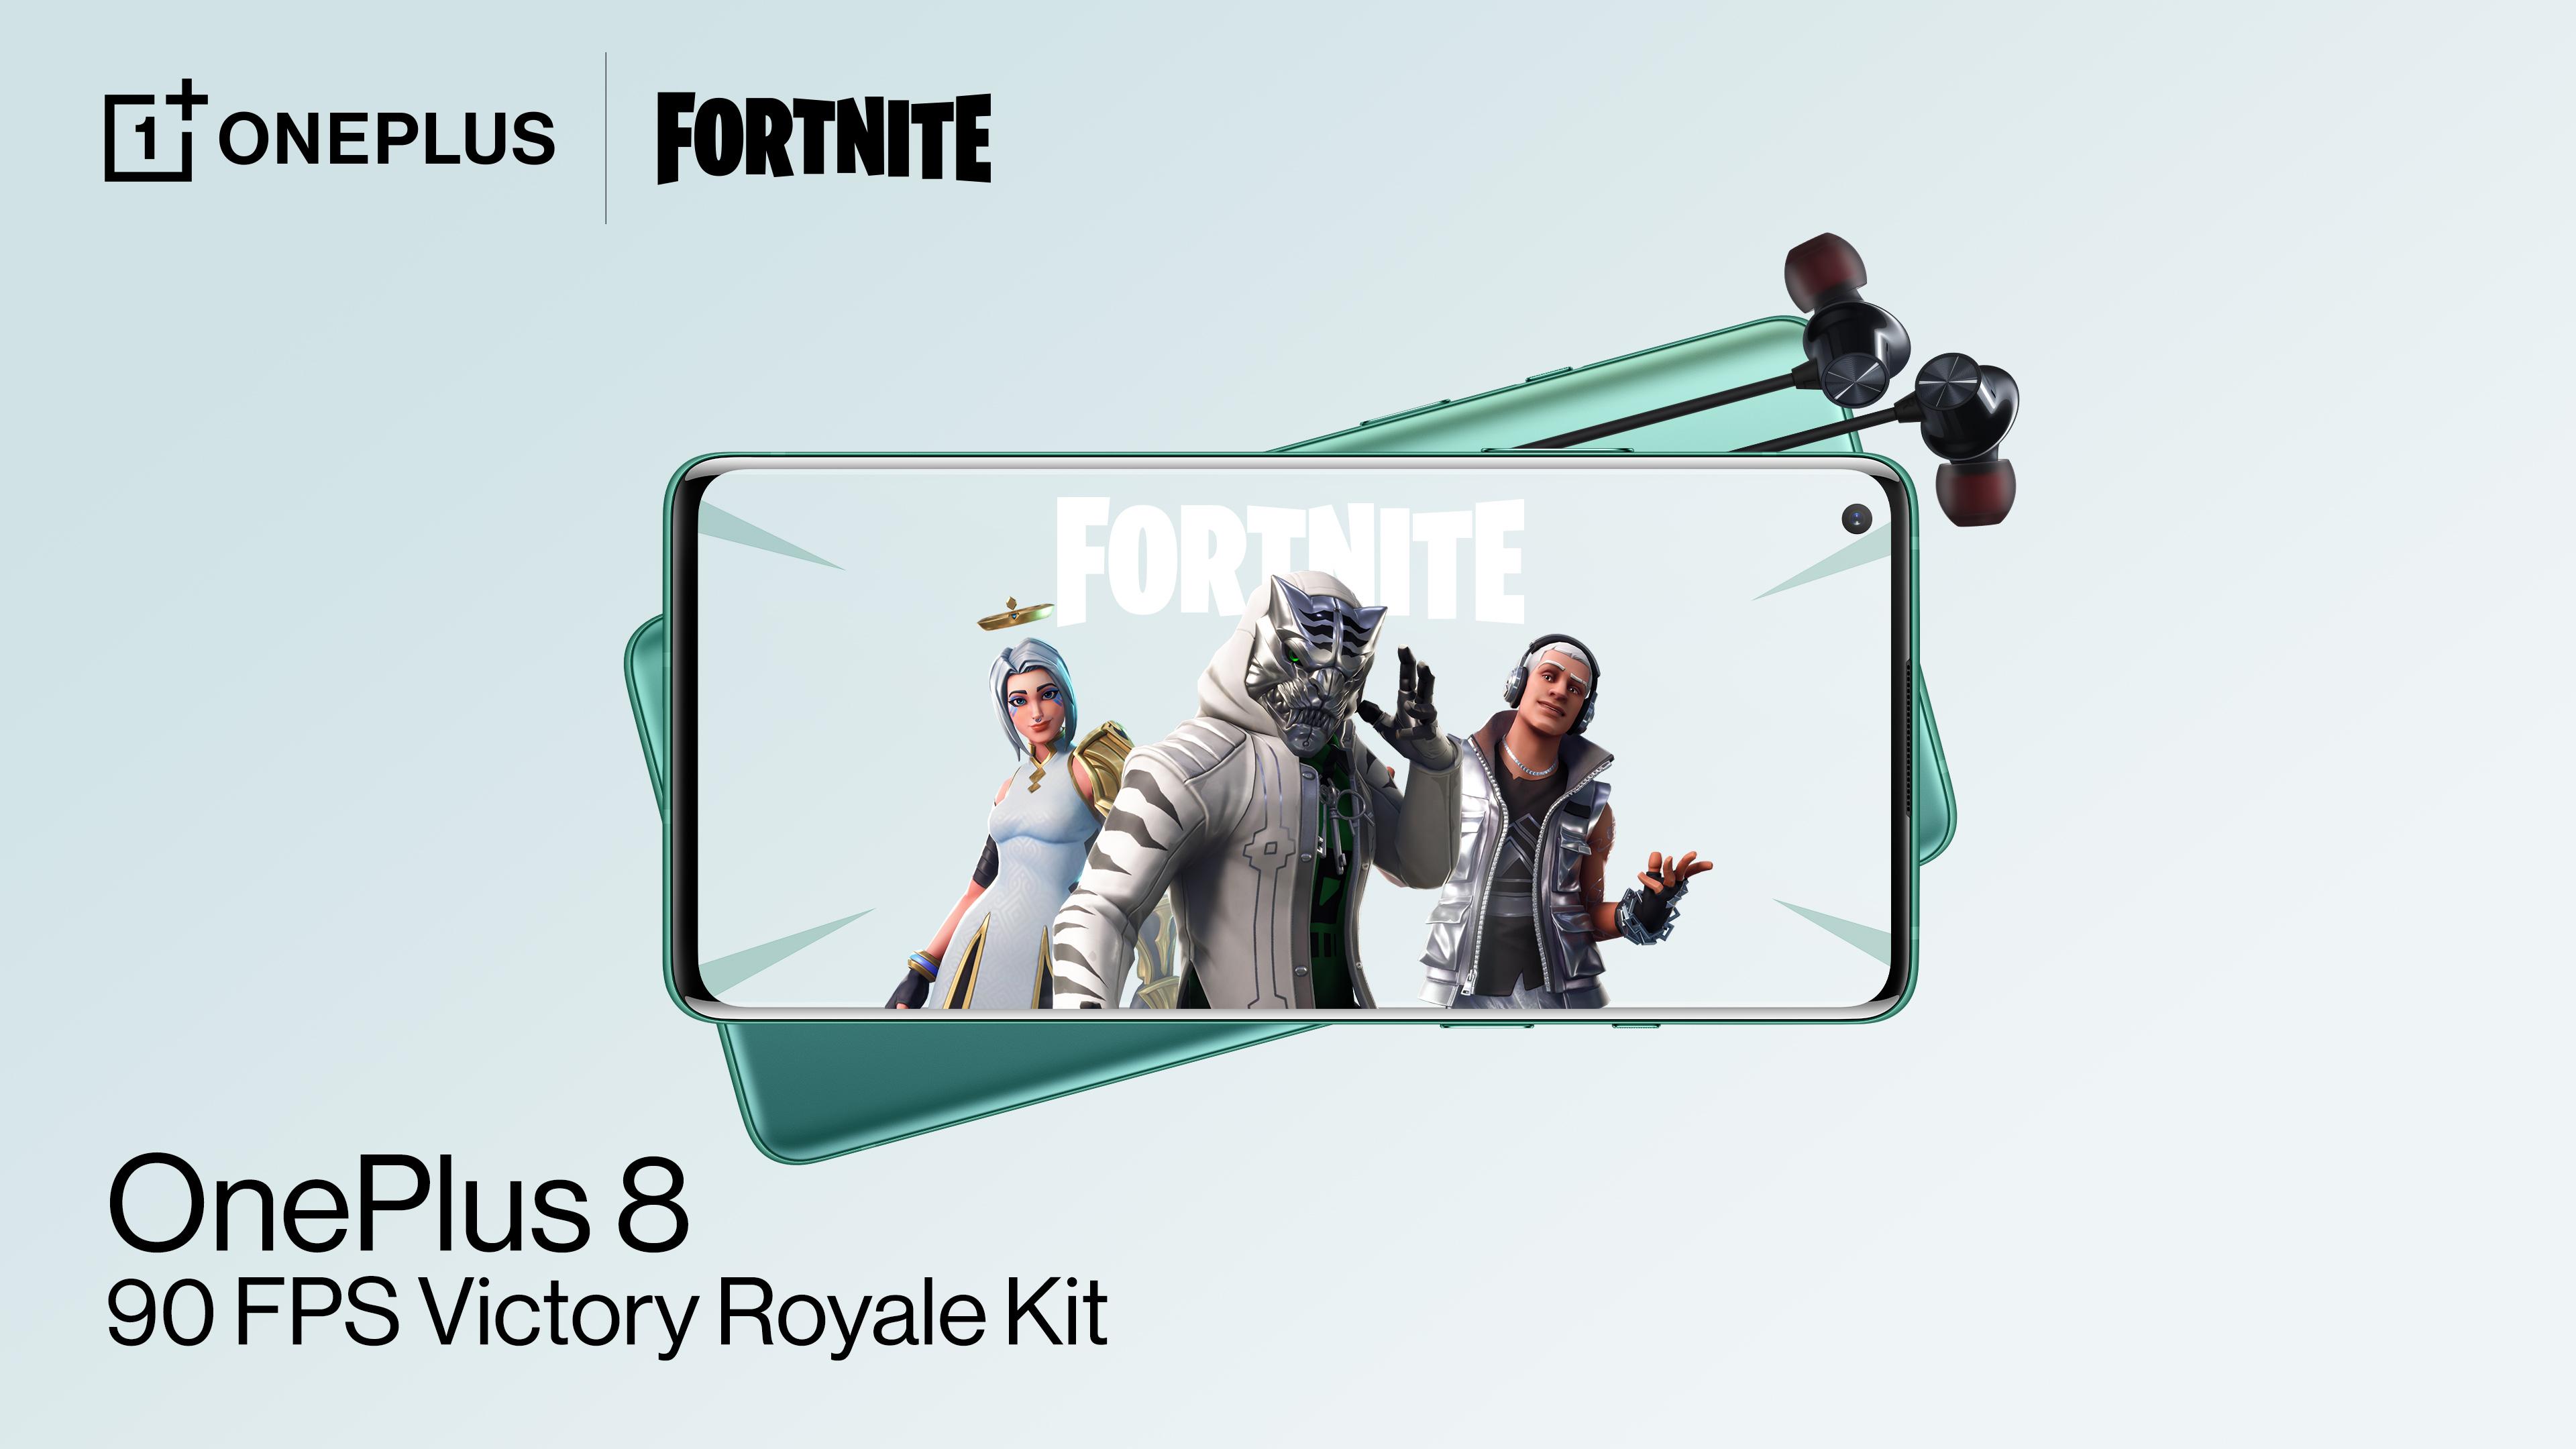 FortniteKV3-copy-2